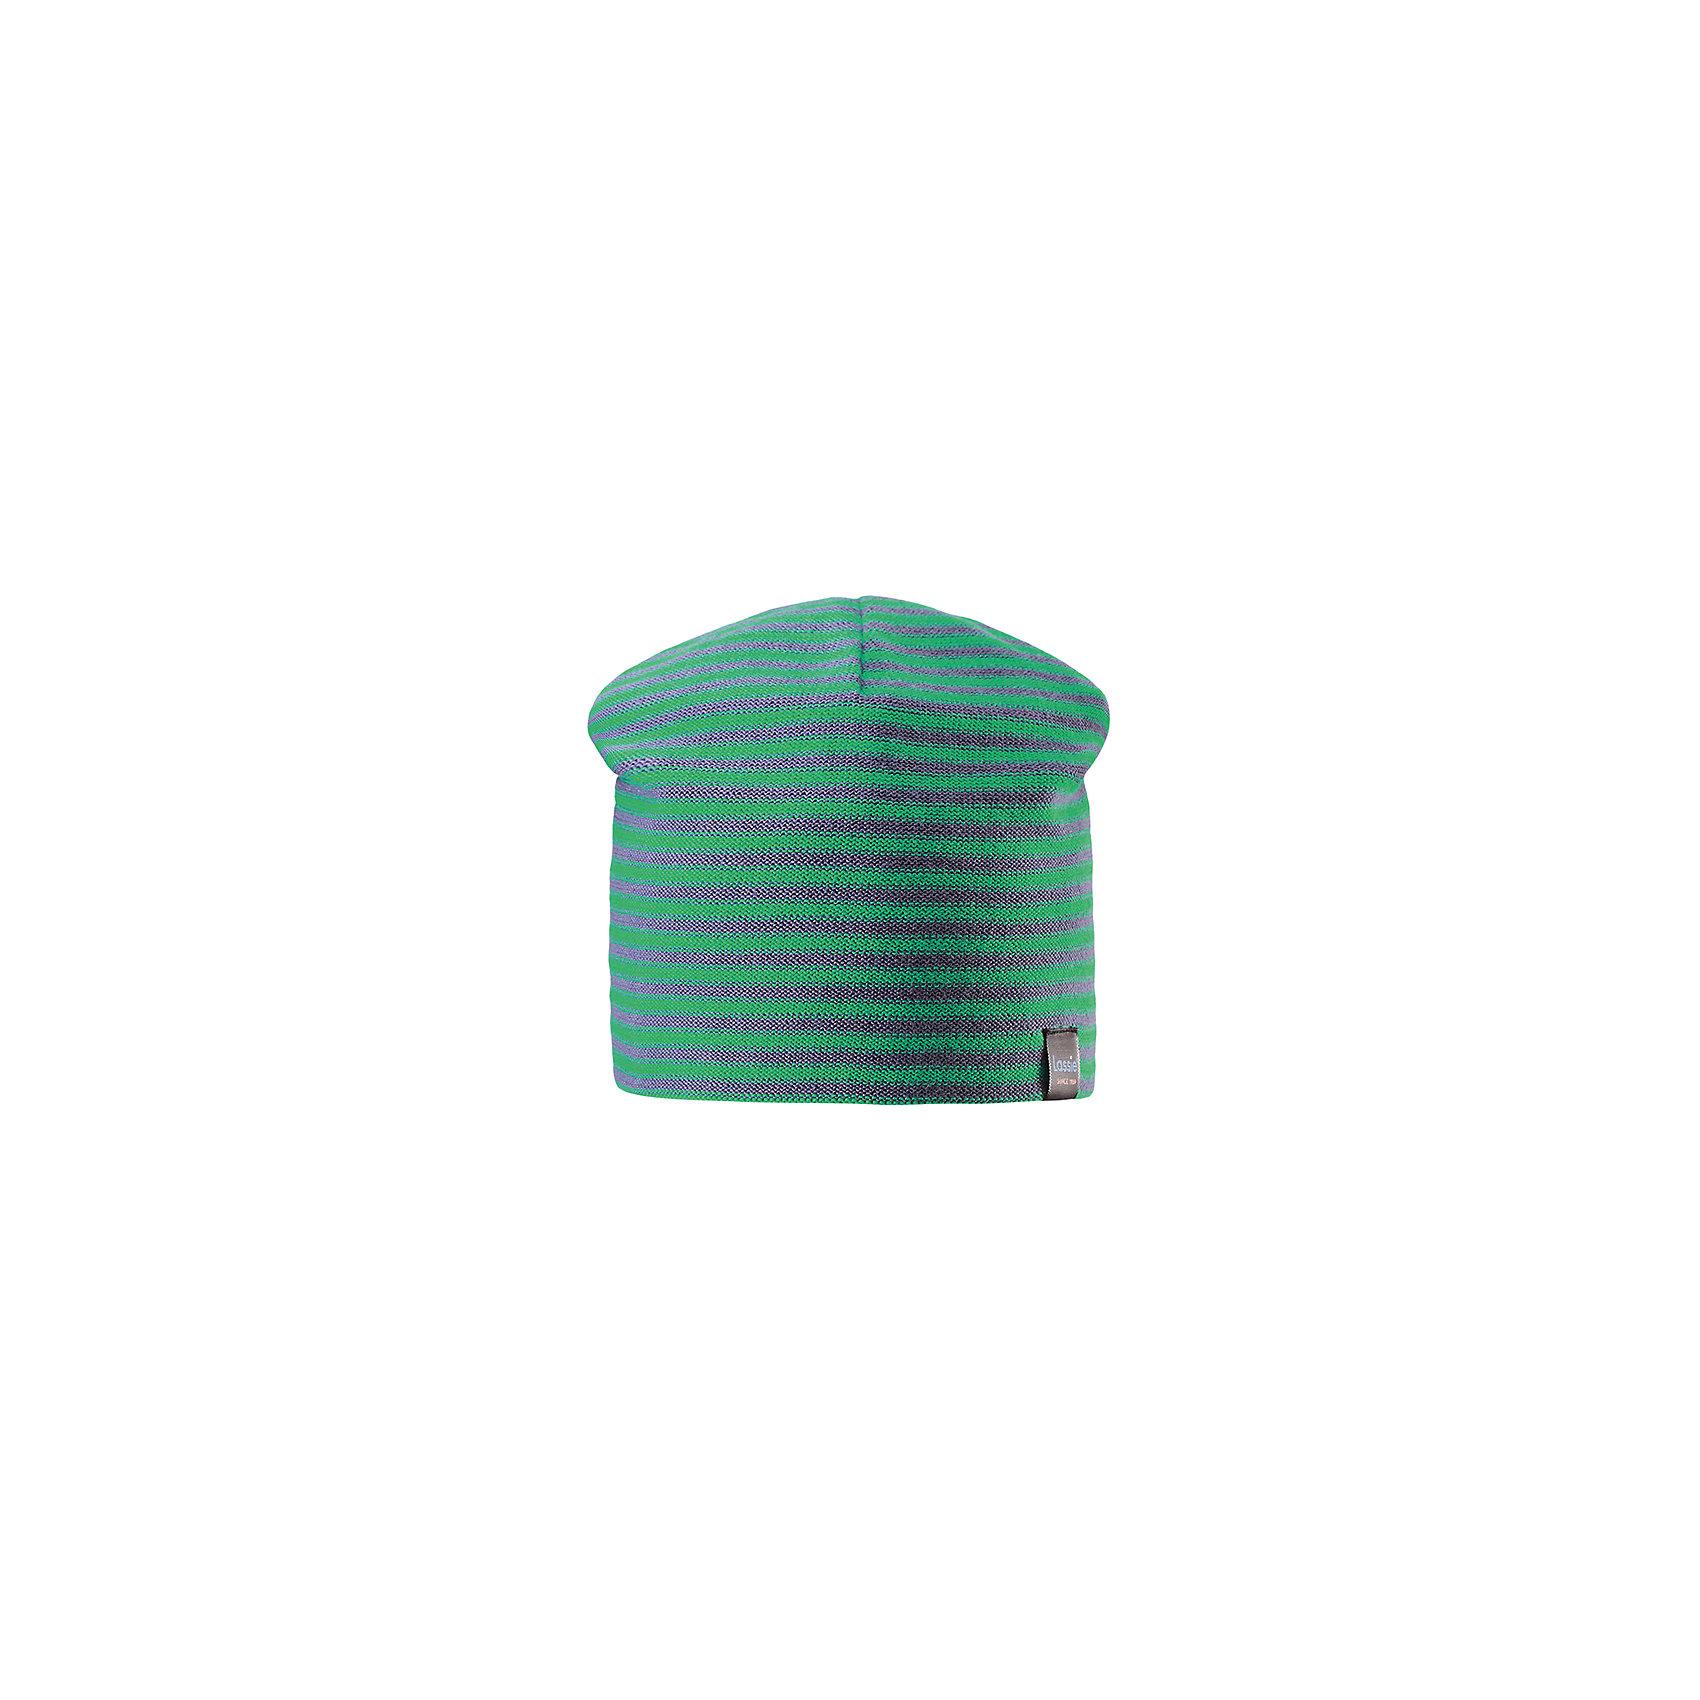 Шапка LASSIEХарактеристики товара:<br><br>• цвет: зеленый<br>• состав: 100% хлопок<br>• температурный режим: от +15°до +5°С<br>• эластичный хлопковый трикотаж<br>• мягкая сплошная подкладка: смесь хлопка jersey<br>• узор из цветных полос<br>• декоративная эмблема<br>• комфортная посадка<br>• страна производства: Китай<br>• страна бренда: Финляндия<br>• коллекция: весна-лето 2017<br><br>Детский головной убор может быть модным и удобным одновременно! Стильная шапка поможет обеспечить ребенку комфорт и дополнить наряд. Она отлично смотрится с различной одеждой. Шапка удобно сидит и аккуратно выглядит. Проста в уходе, долго служит. Продуманный крой разрабатывался специально для детей.<br><br>Обувь и одежда от финского бренда LASSIE by Reima пользуются популярностью во многих странах. Они стильные, качественные и удобные. Для производства продукции используются только безопасные, проверенные материалы и фурнитура. Порадуйте ребенка модными и красивыми вещами от Lassie®! <br><br>Шапку от финского бренда LASSIE by Reima можно купить в нашем интернет-магазине.<br><br>Ширина мм: 89<br>Глубина мм: 117<br>Высота мм: 44<br>Вес г: 155<br>Цвет: зеленый<br>Возраст от месяцев: 72<br>Возраст до месяцев: 120<br>Пол: Унисекс<br>Возраст: Детский<br>Размер: 54-56,46-48,50-52<br>SKU: 5264103